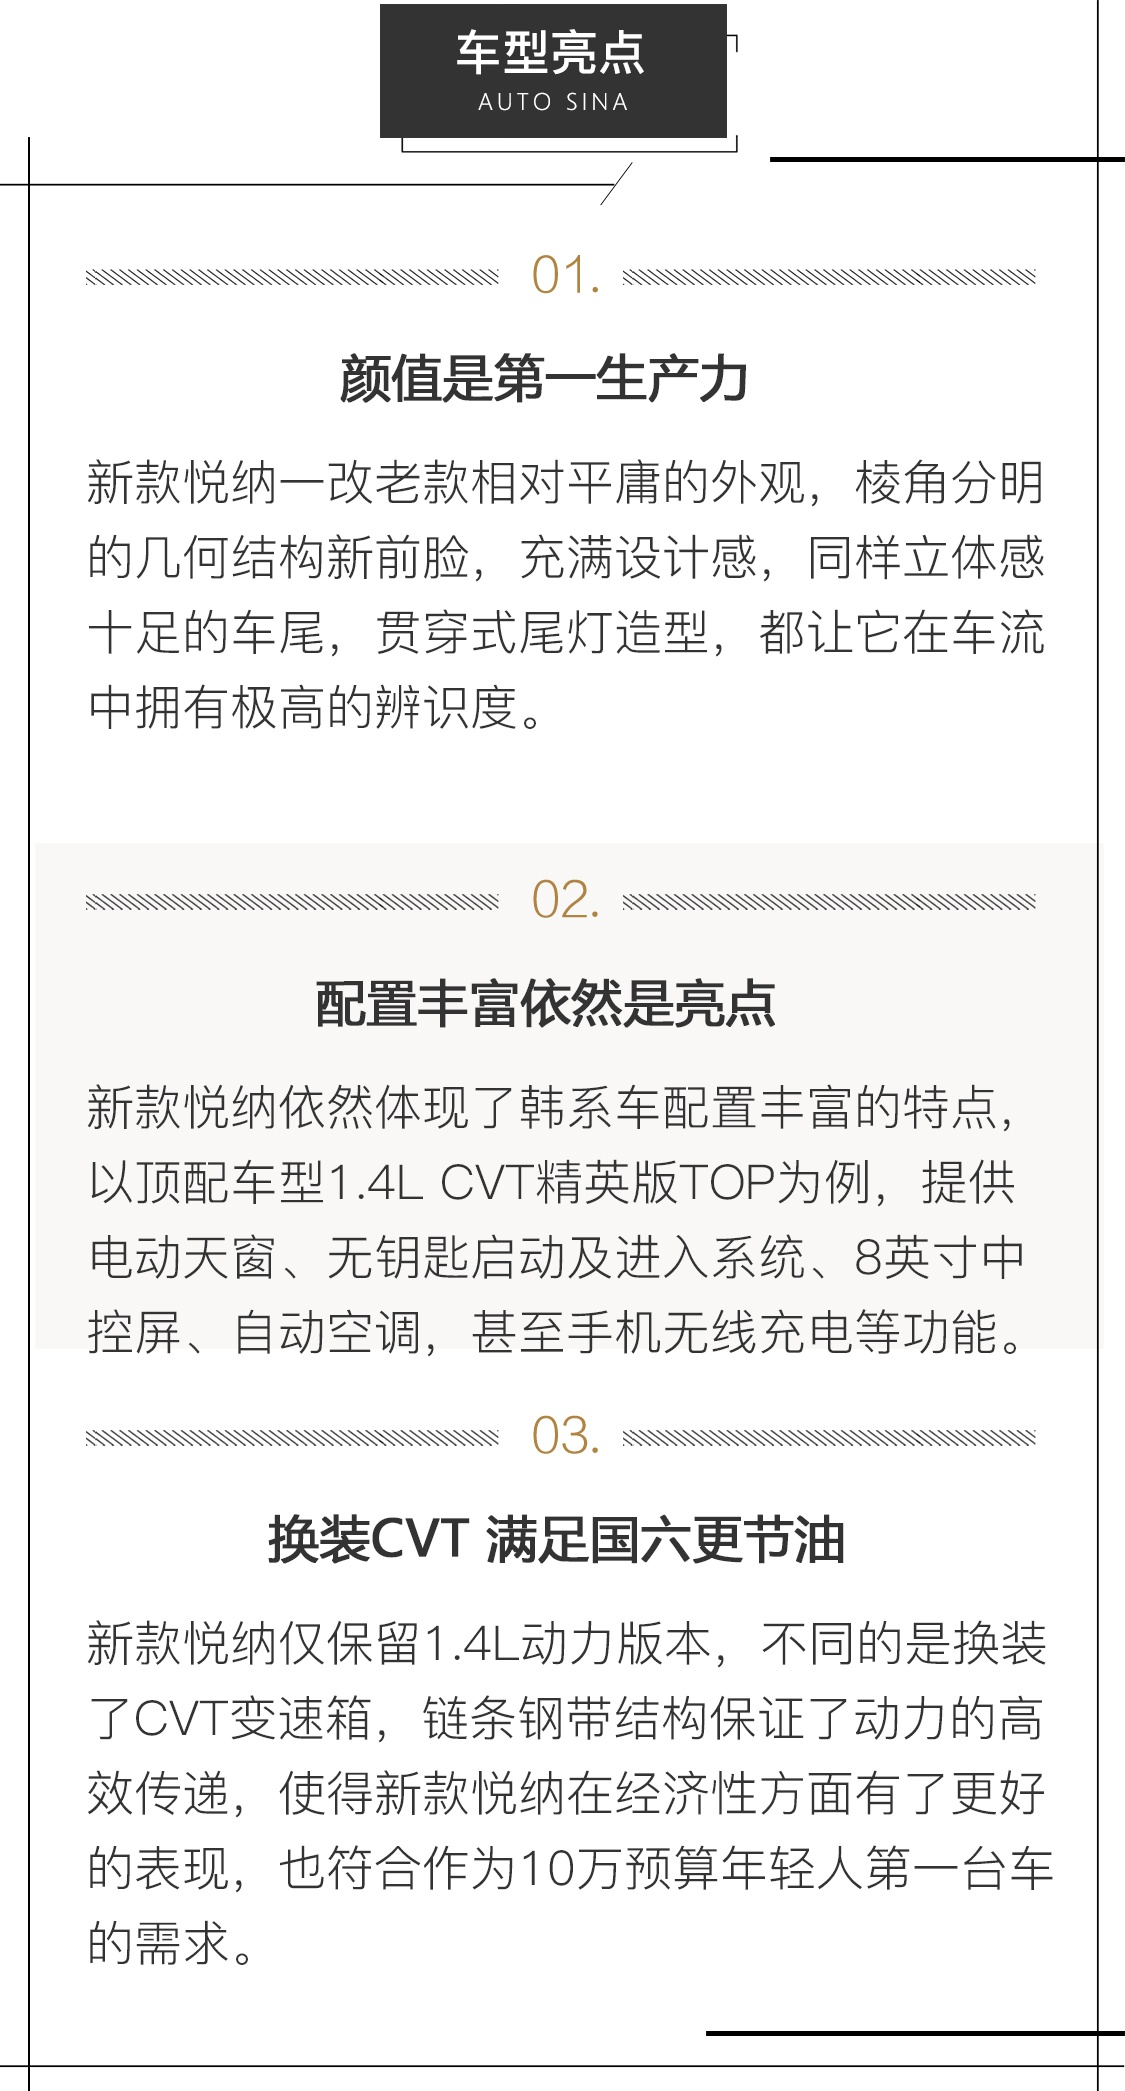 重塑标杆形象 北京现代新款悦纳试驾